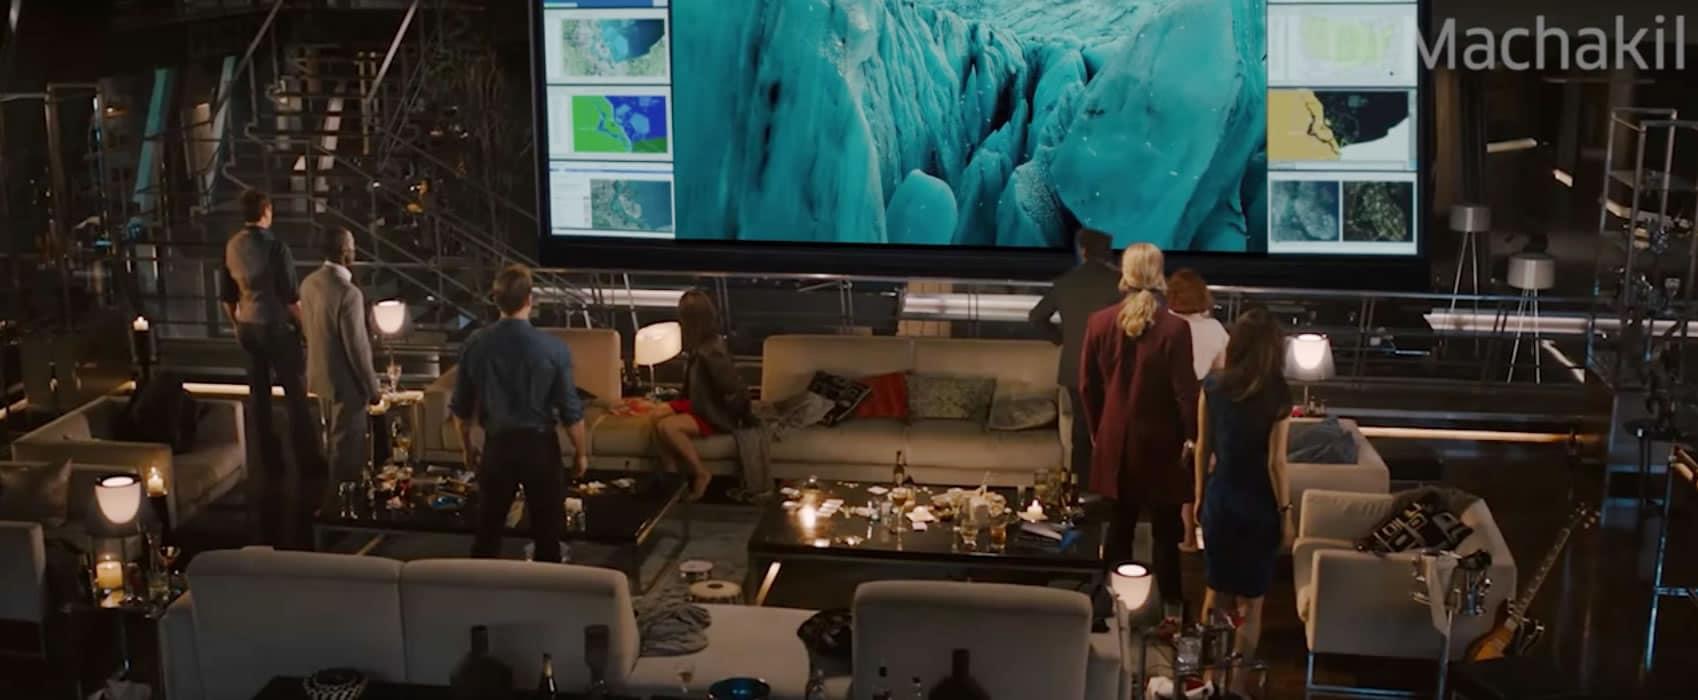 Los Vengadores observan el trailer de Justice League.